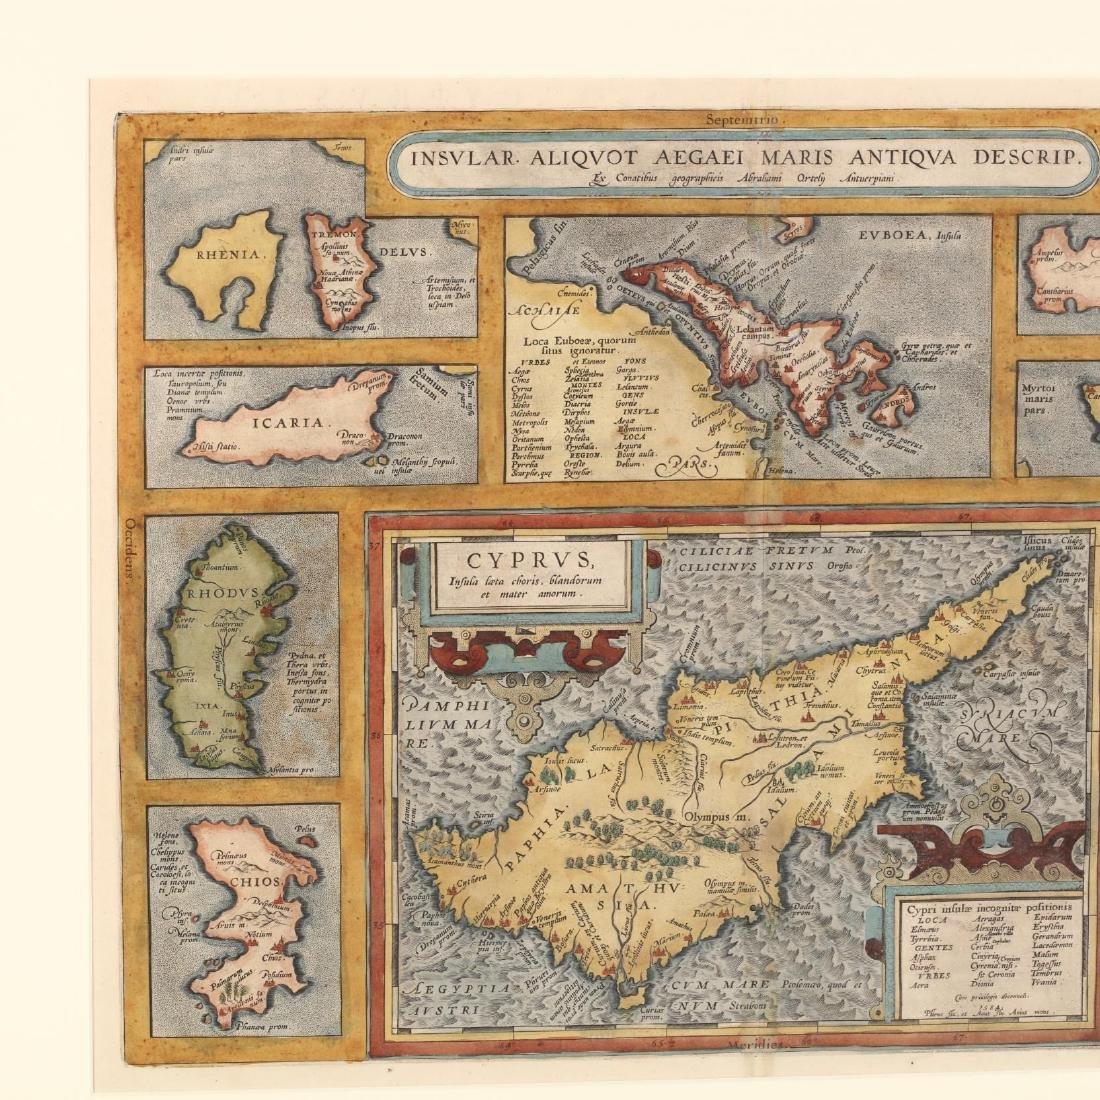 Ortelius, Abraham.  Insular. Aliquot Aegaei Maris - 2